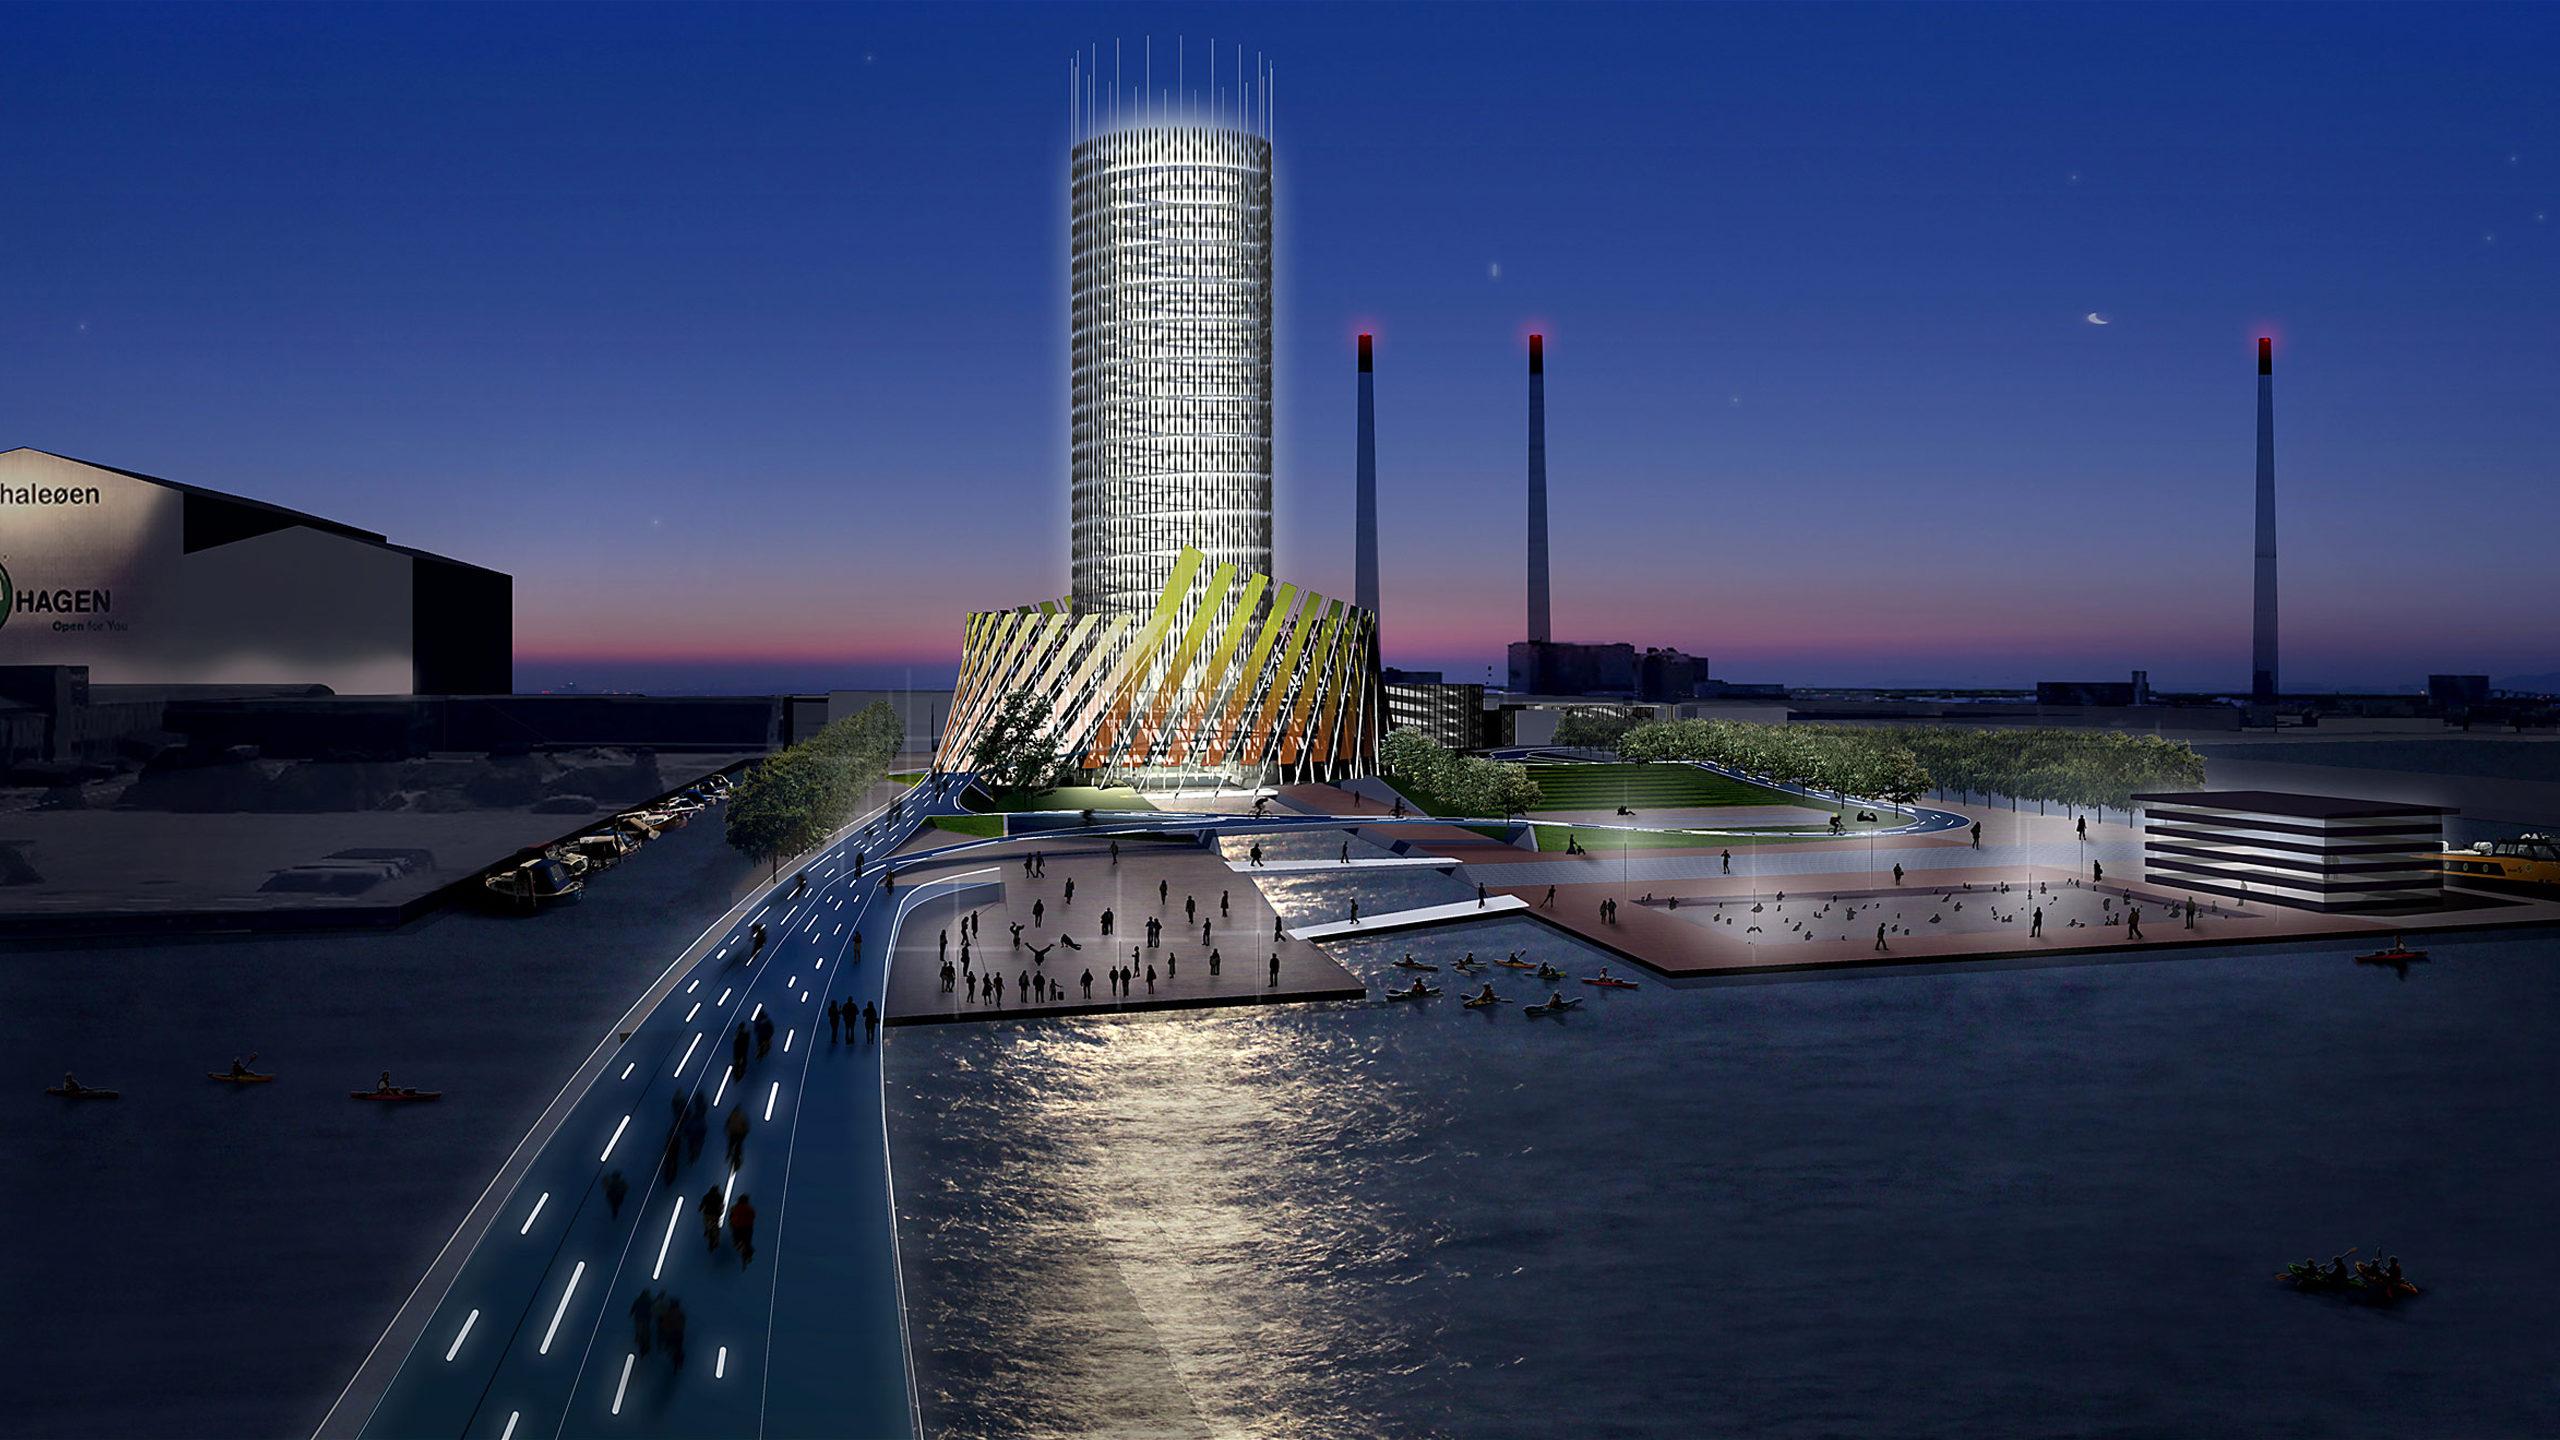 Refshaleoen Redevelopment: Motion Actuation Urban Design / image 4